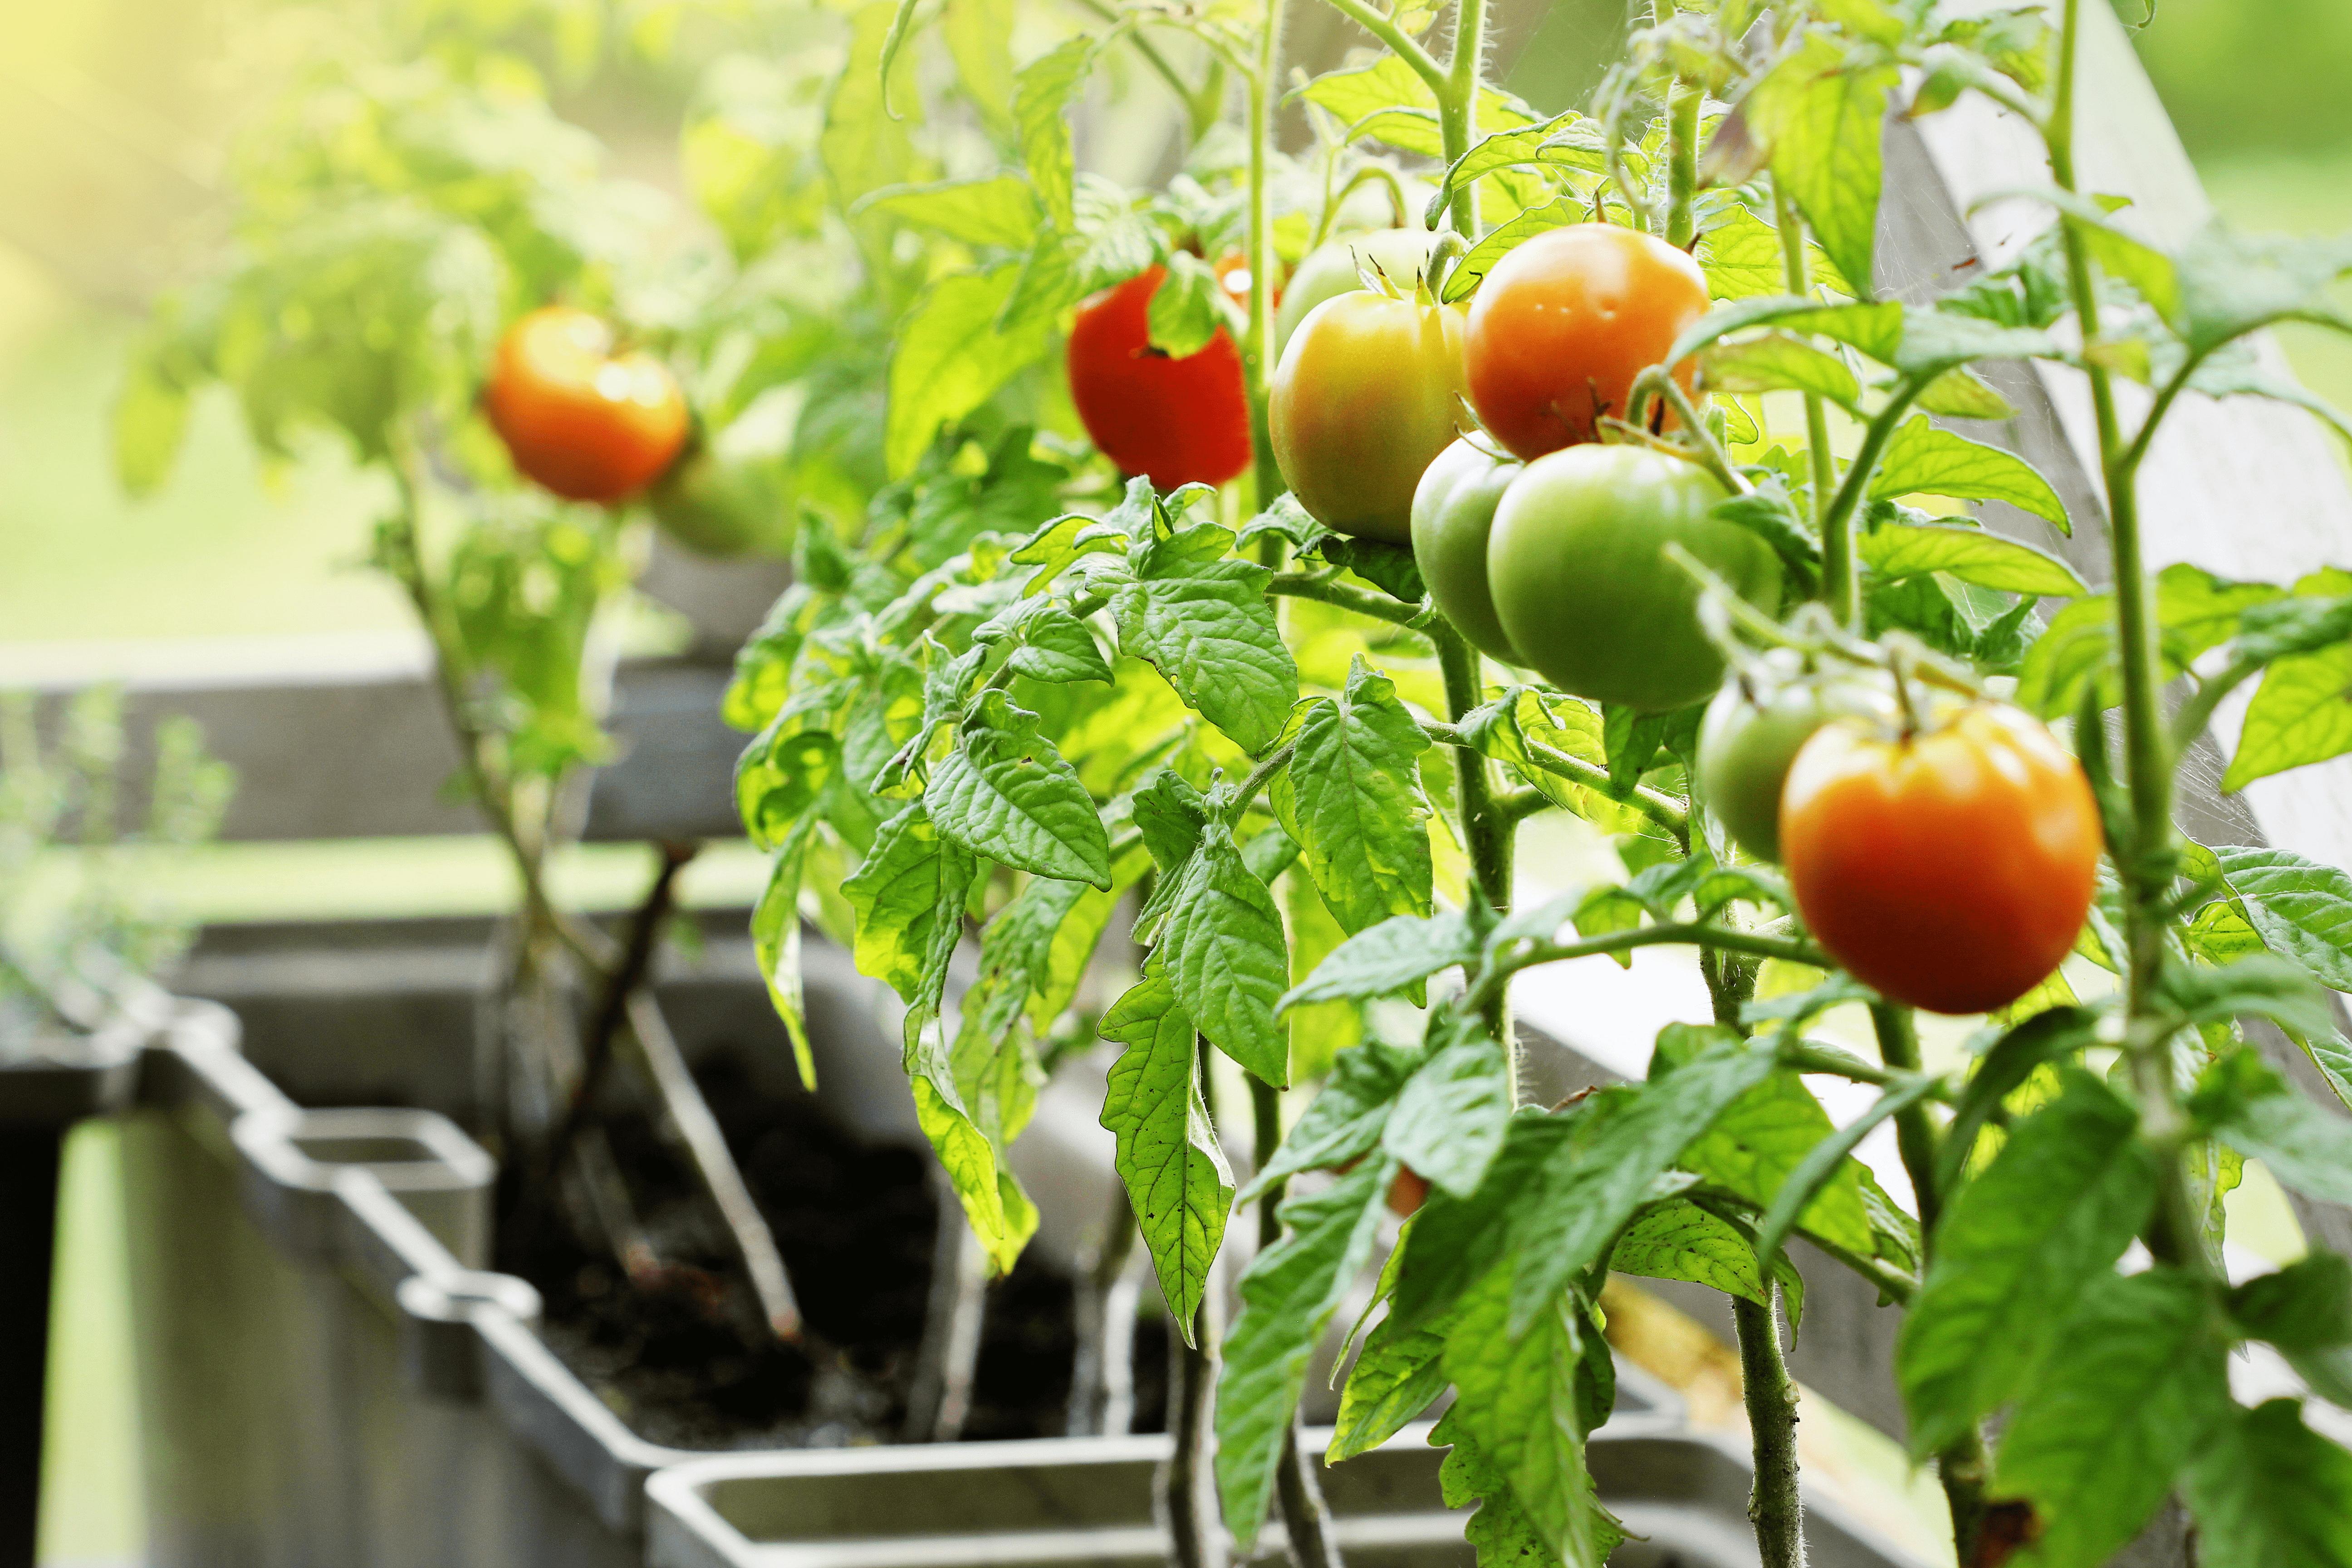 Sostegni Per Pomodori In Vaso coltivare pomodori in vaso: 10 passi per farlo al meglio